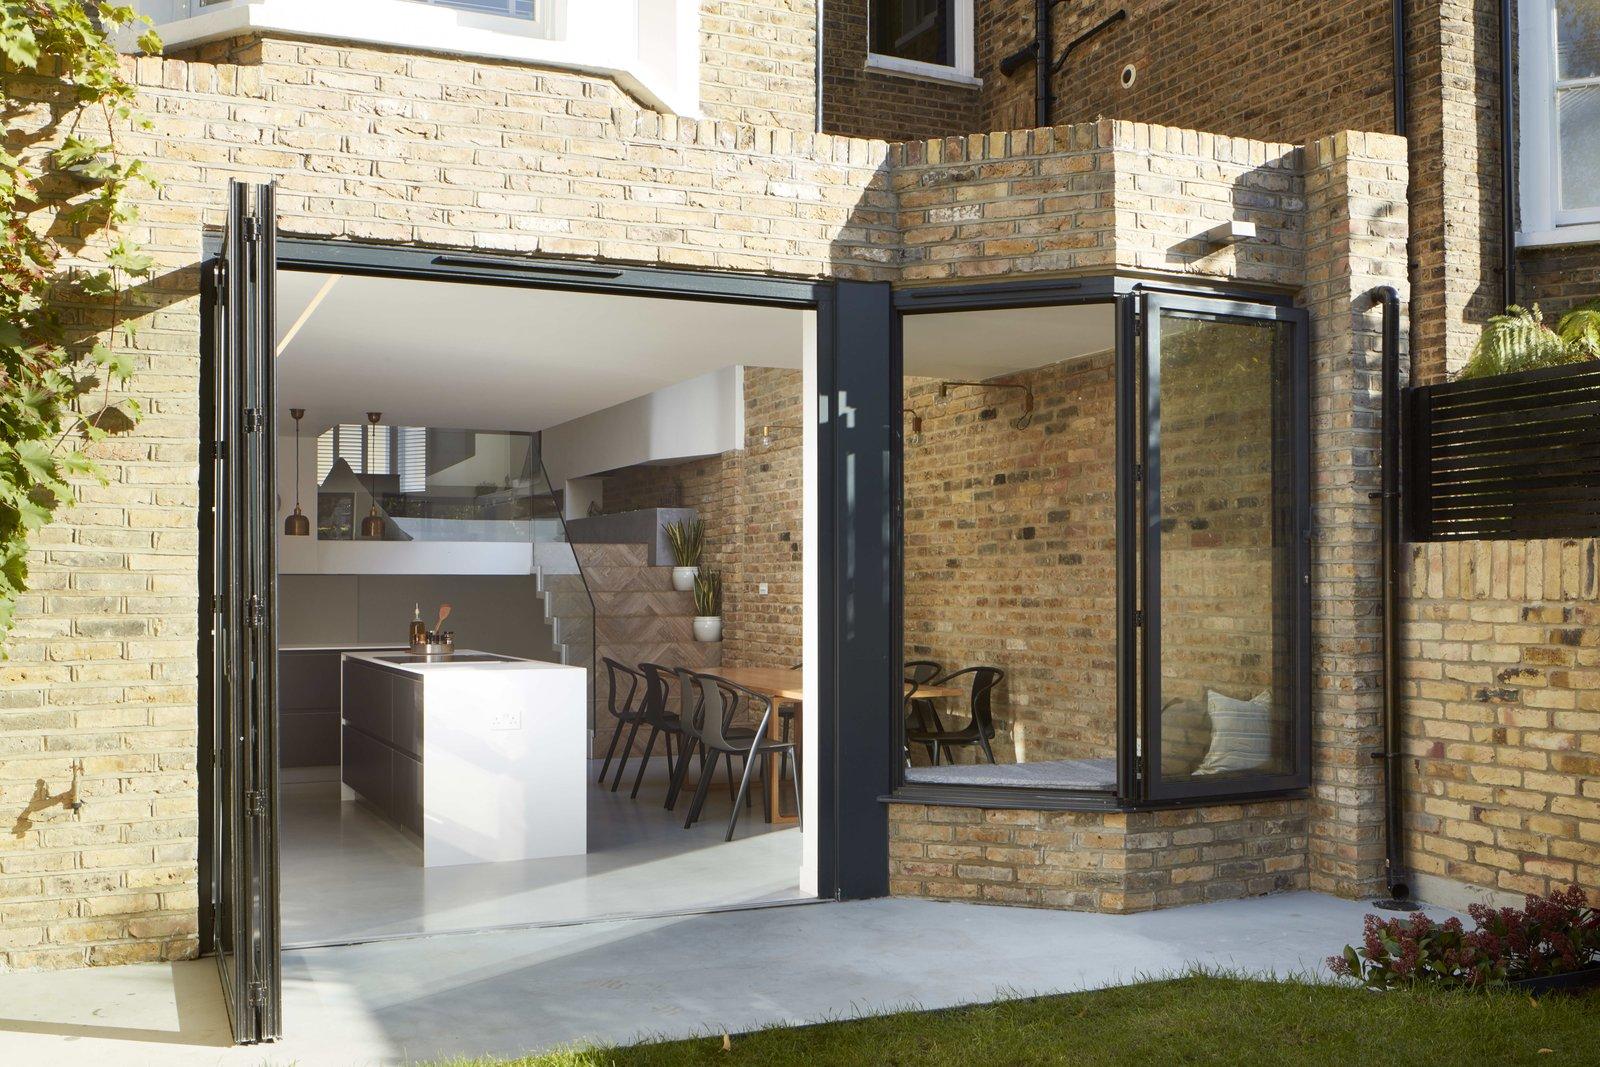 Scenario House exterior with brick facade